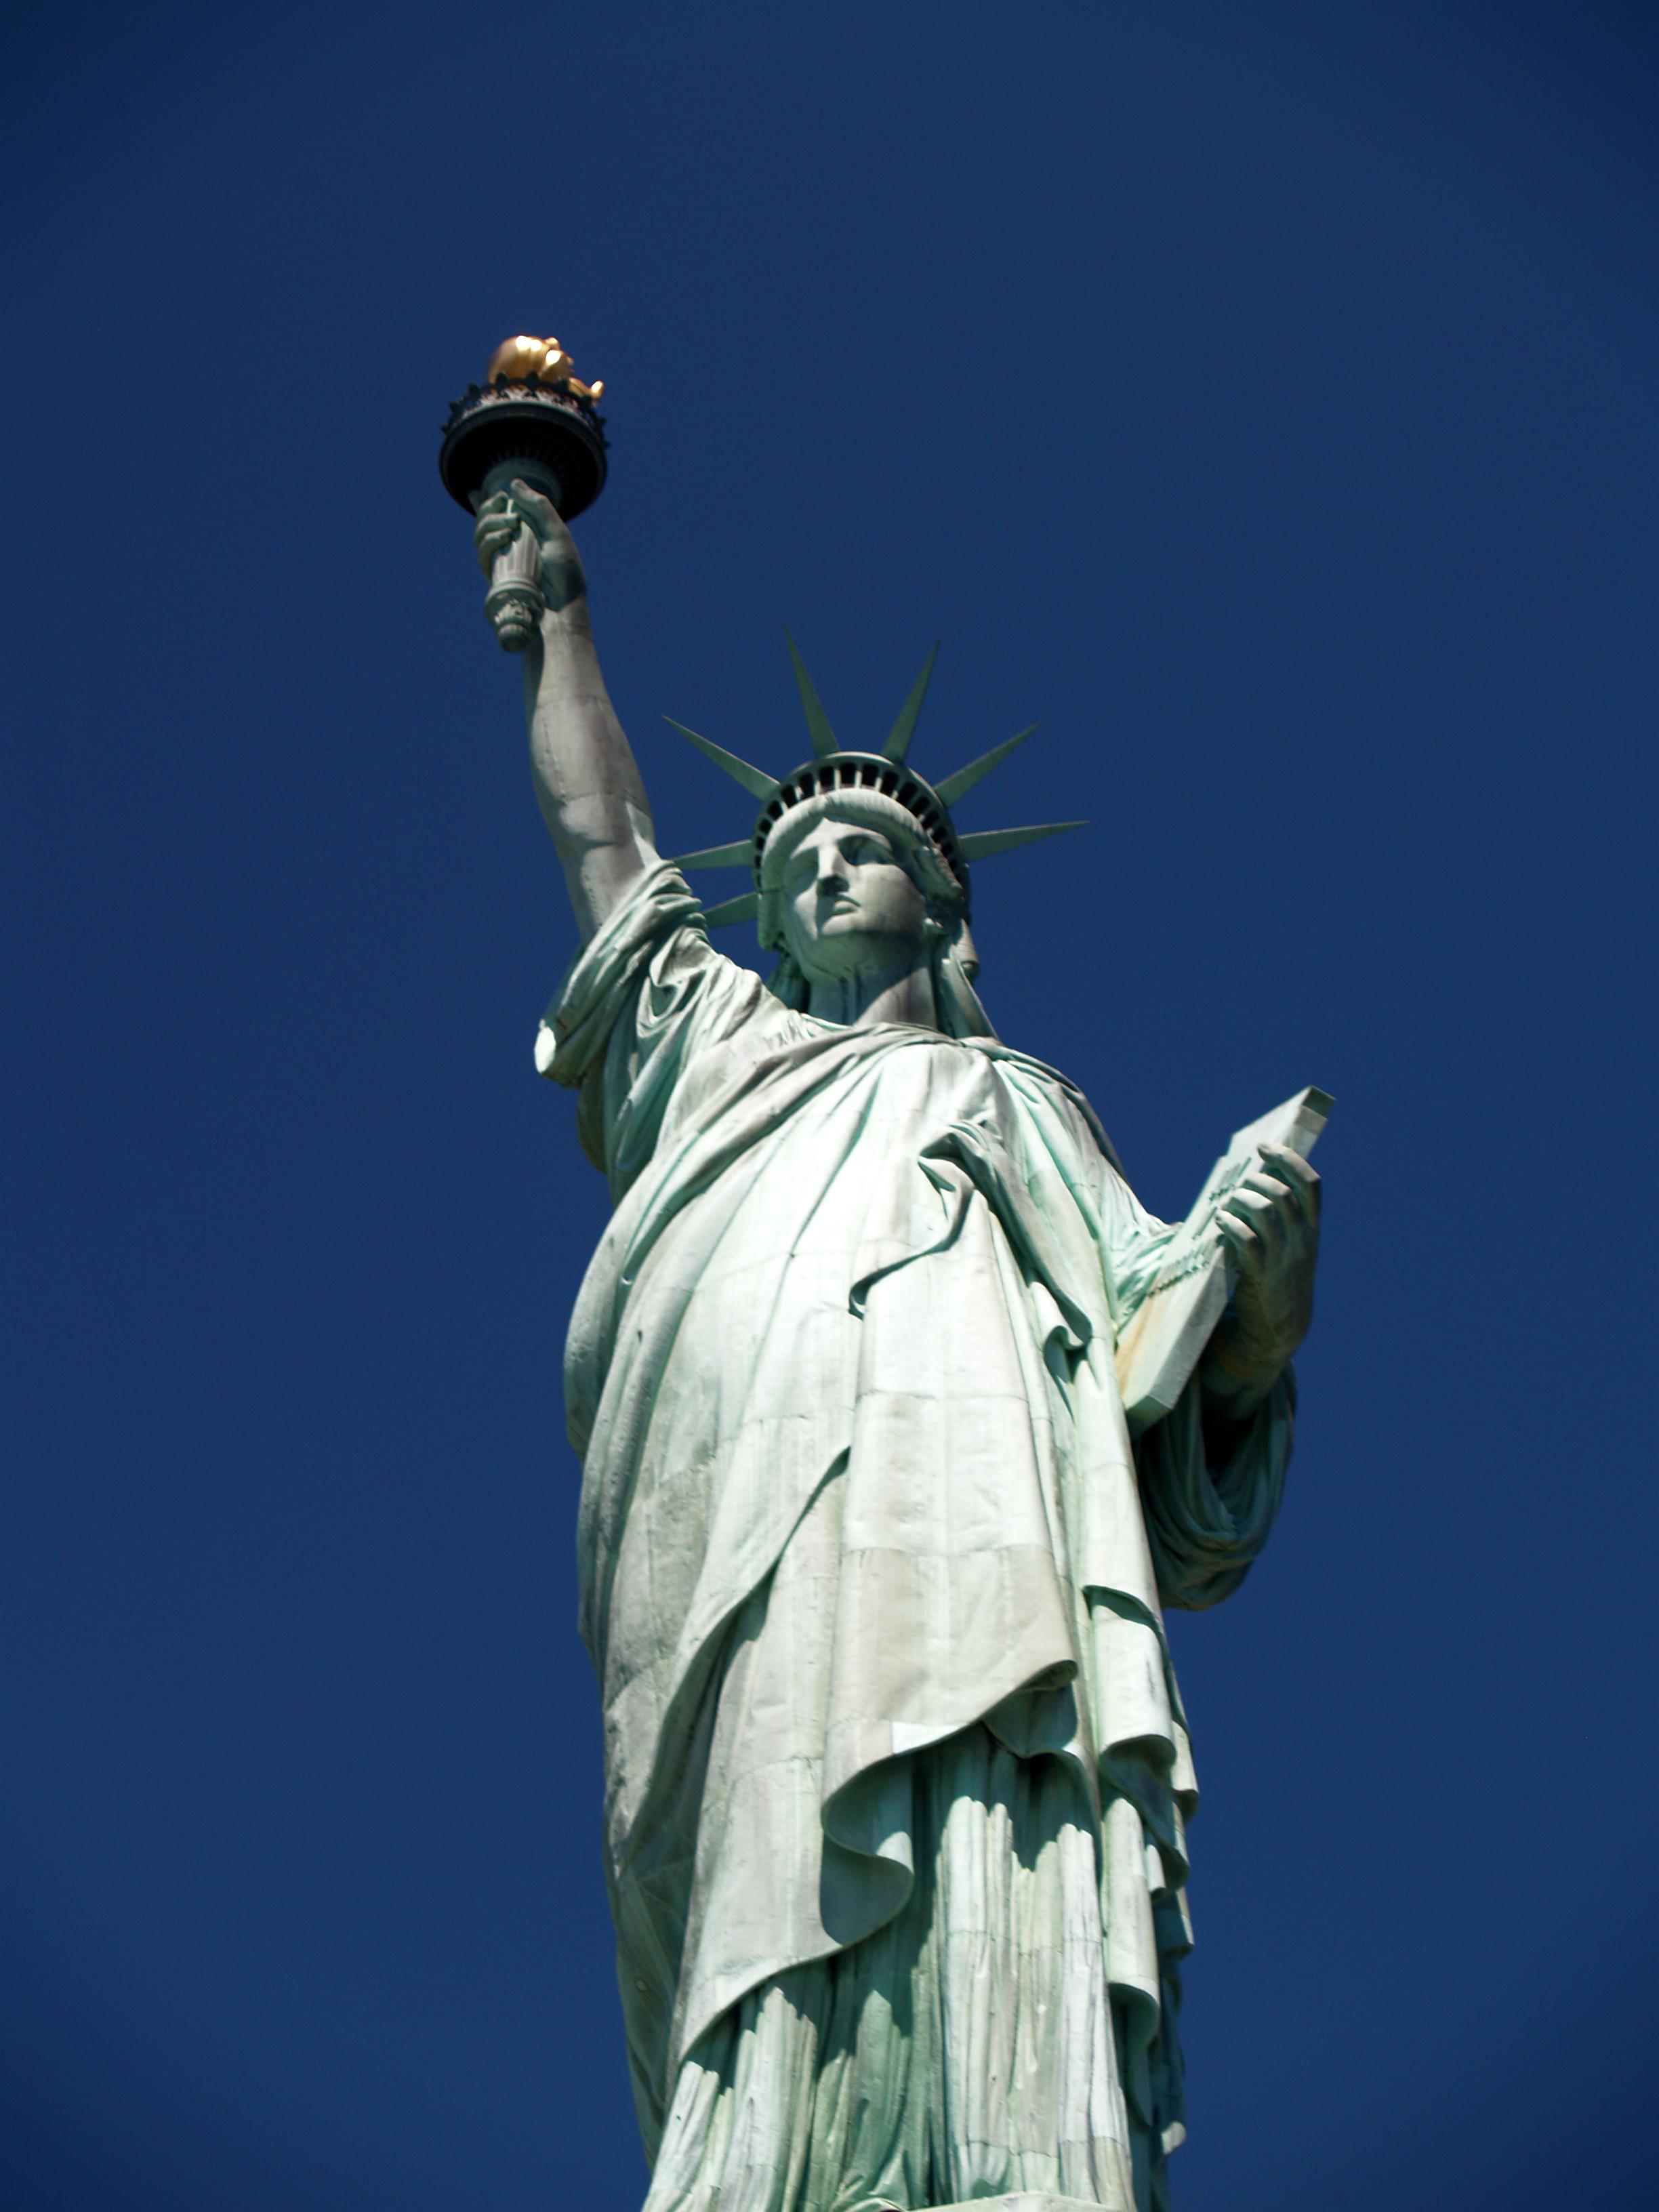 Estatua de la Libertad vista desde la base. Imagen de Wikimedia Commons